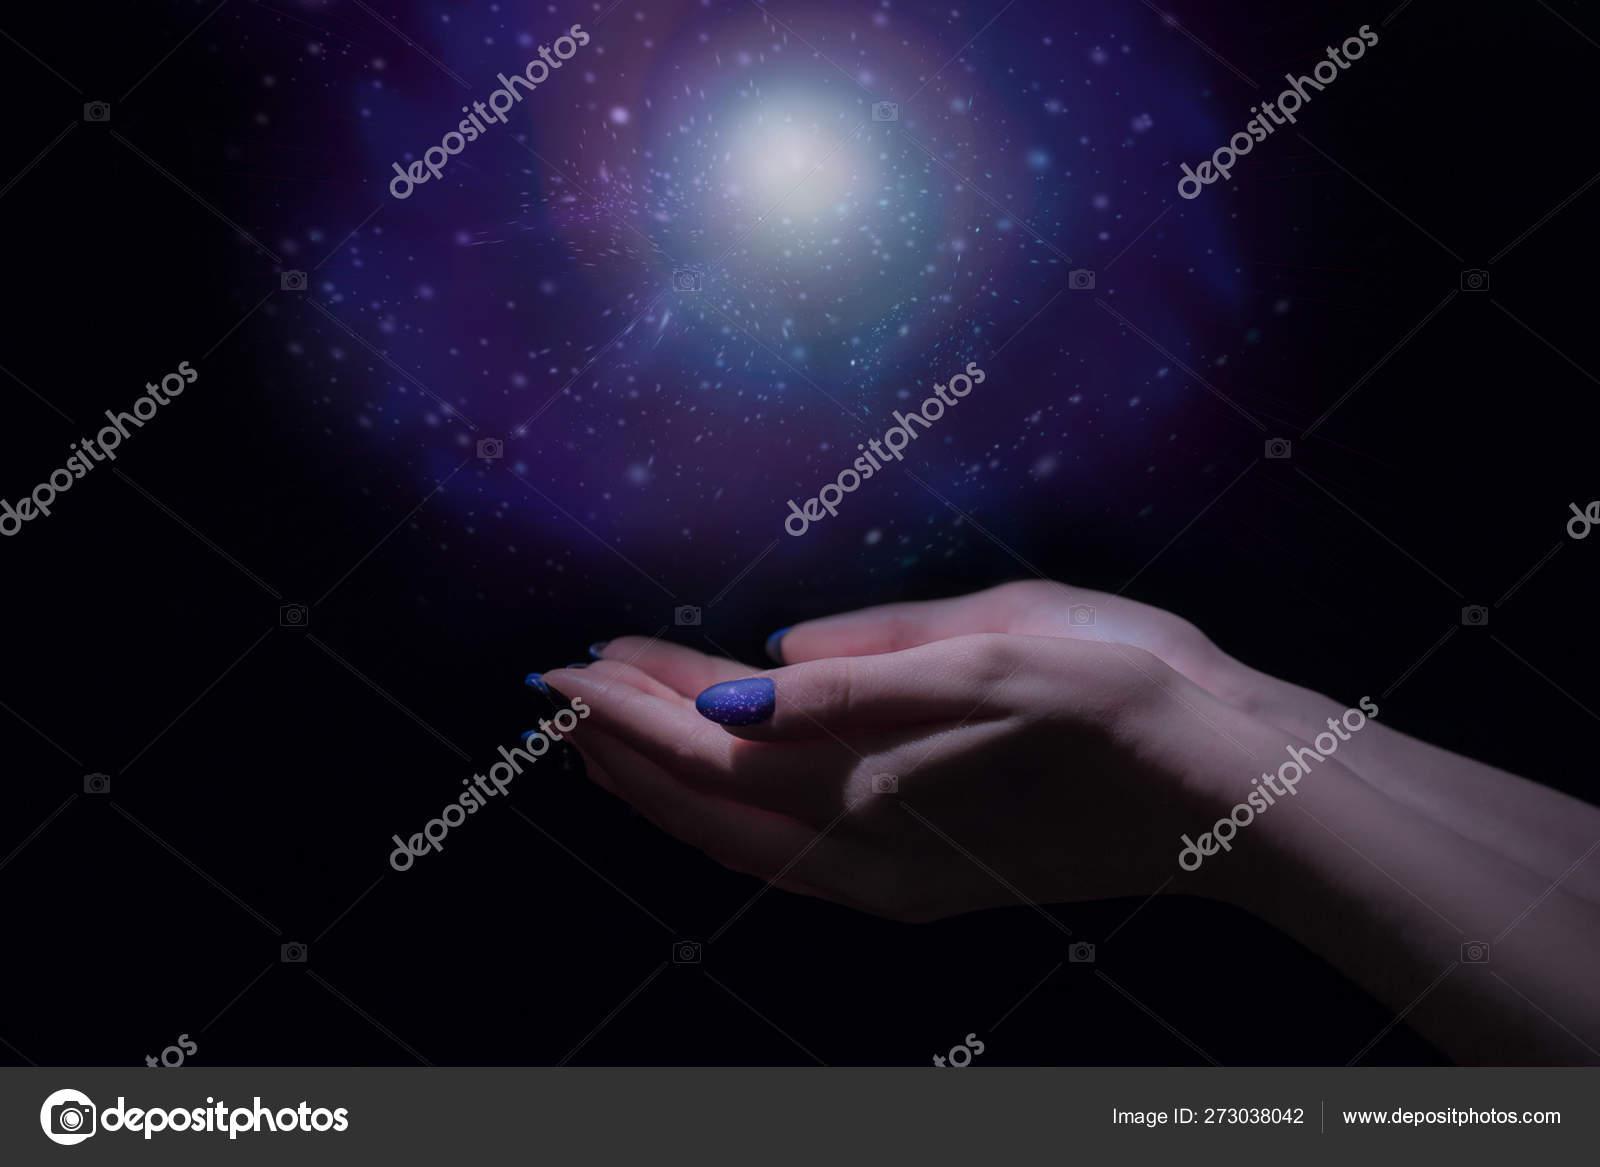 если звезды то в руках картинки миры